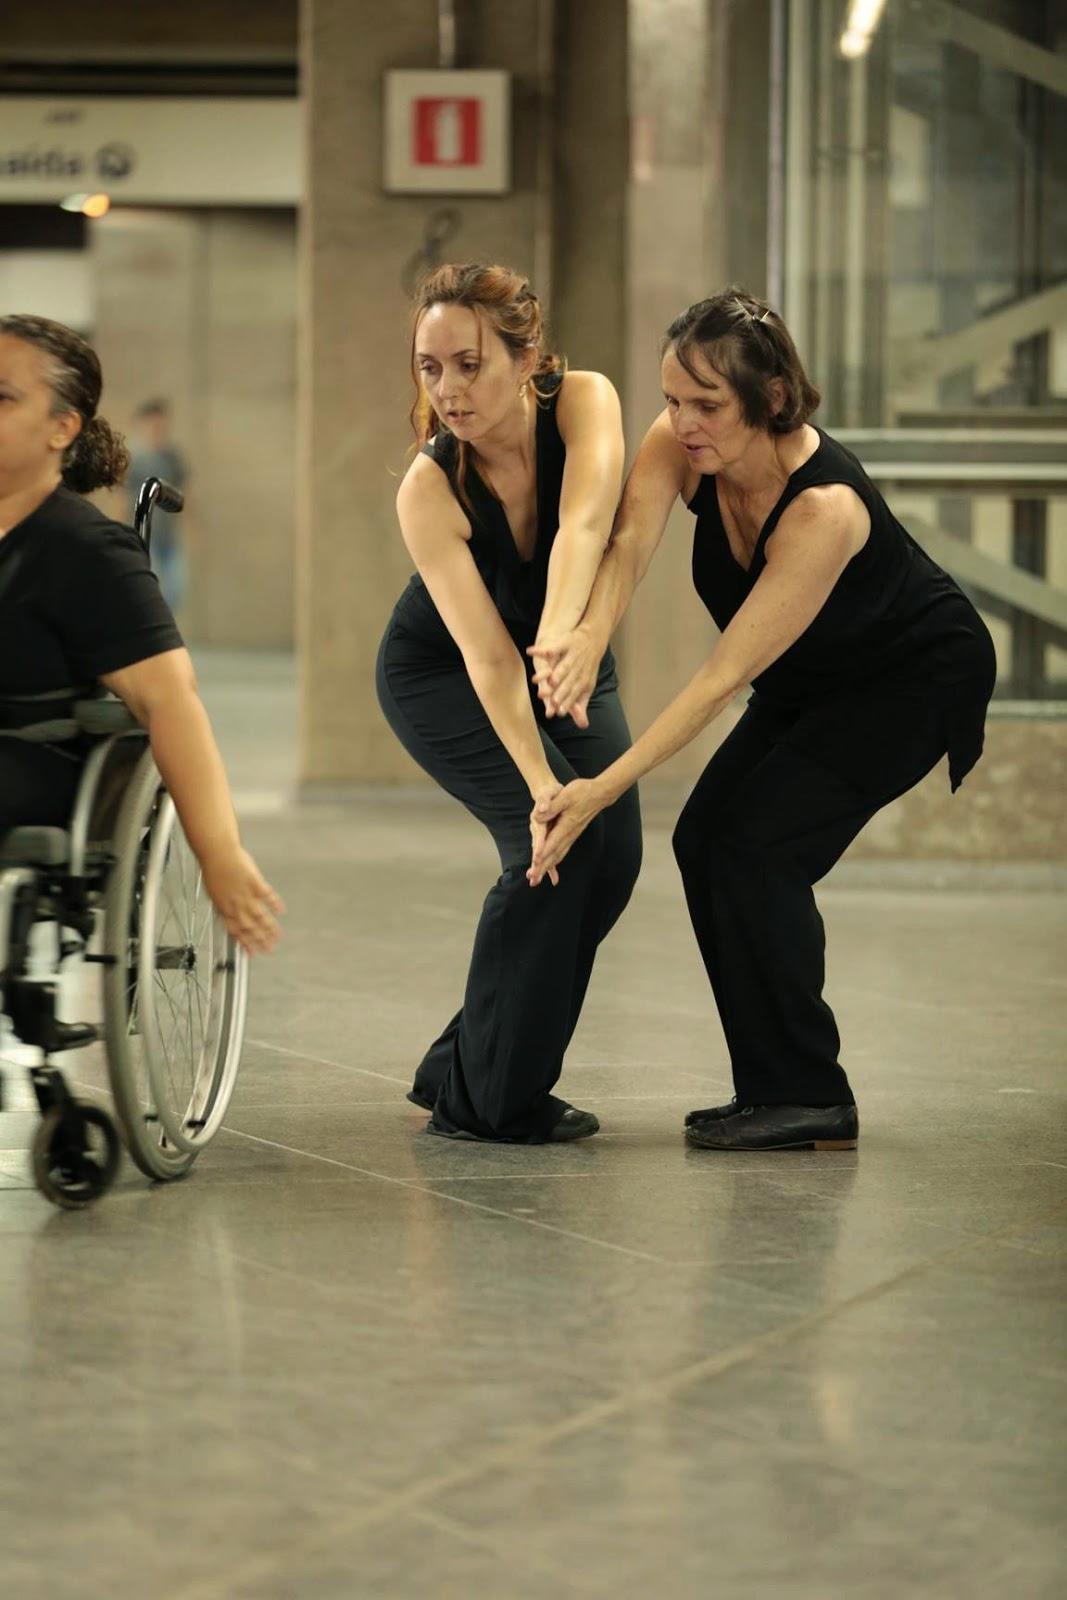 Descrição da Foto: Três intérpretes vestidos de preto dançam na plataforma do metrô. Duas dels estão dançando de pé, com os joelhos semi-flexionados, de frente para a outra, com os braços esticados para o mesmo lado em direção ao chão. Vista parcial de uma intérprete na cadeira de rodas. Placas de sinalização no fundo.